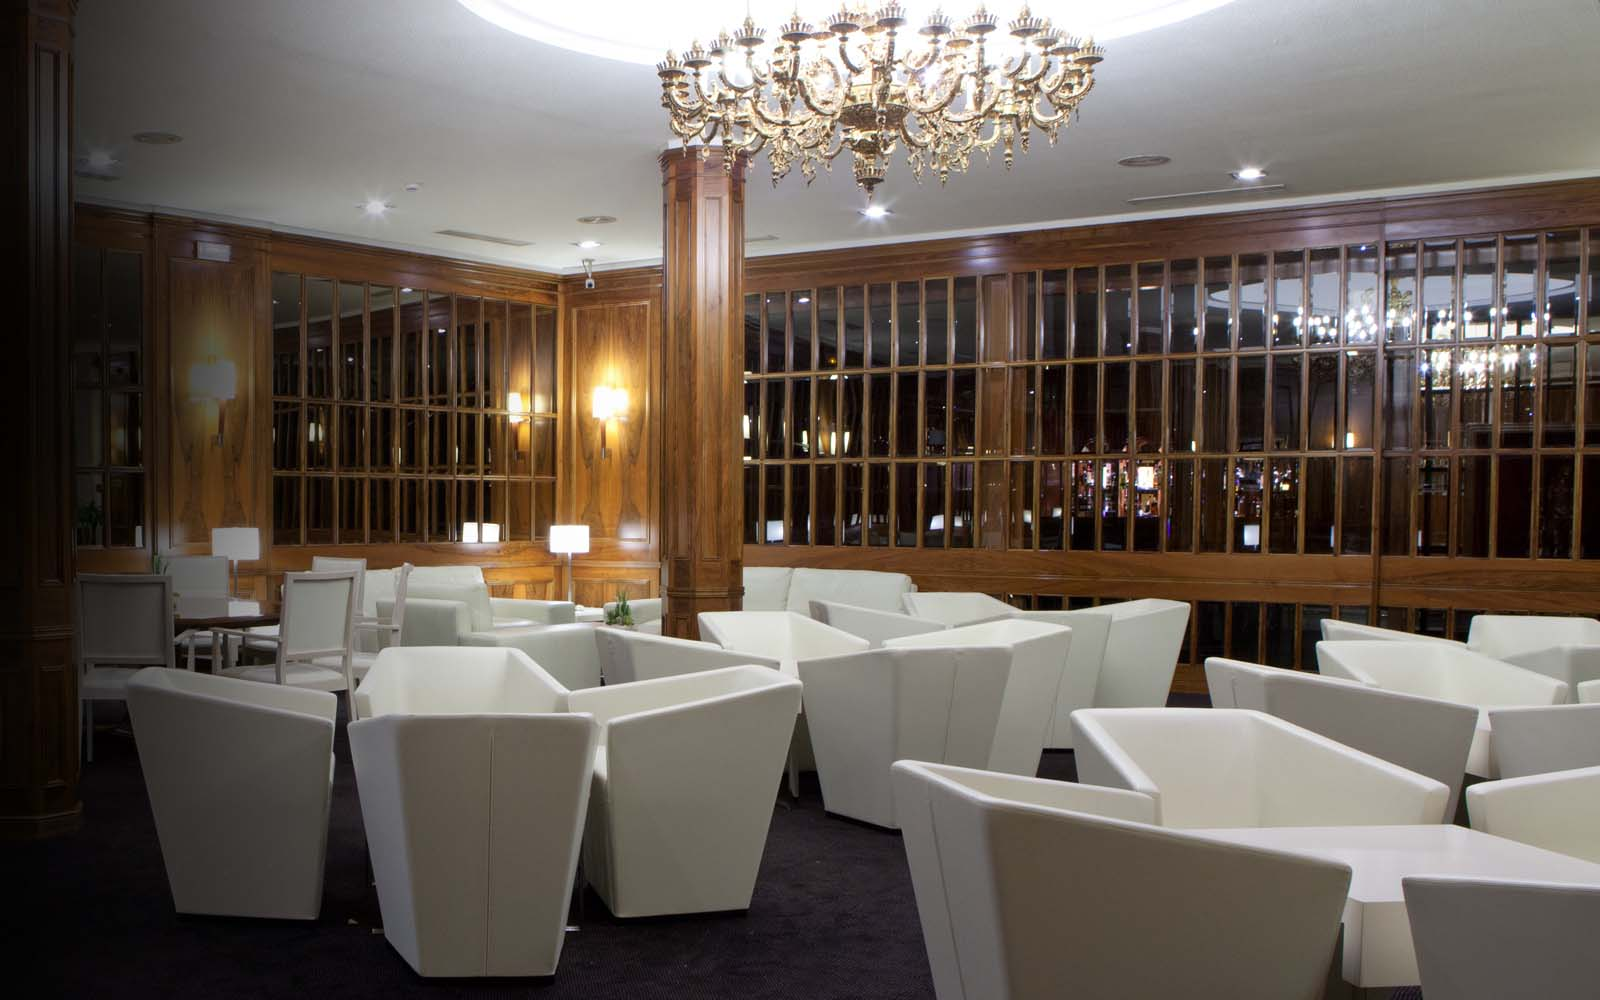 Hotel Liabeny - Hotel Liabeny Madrid